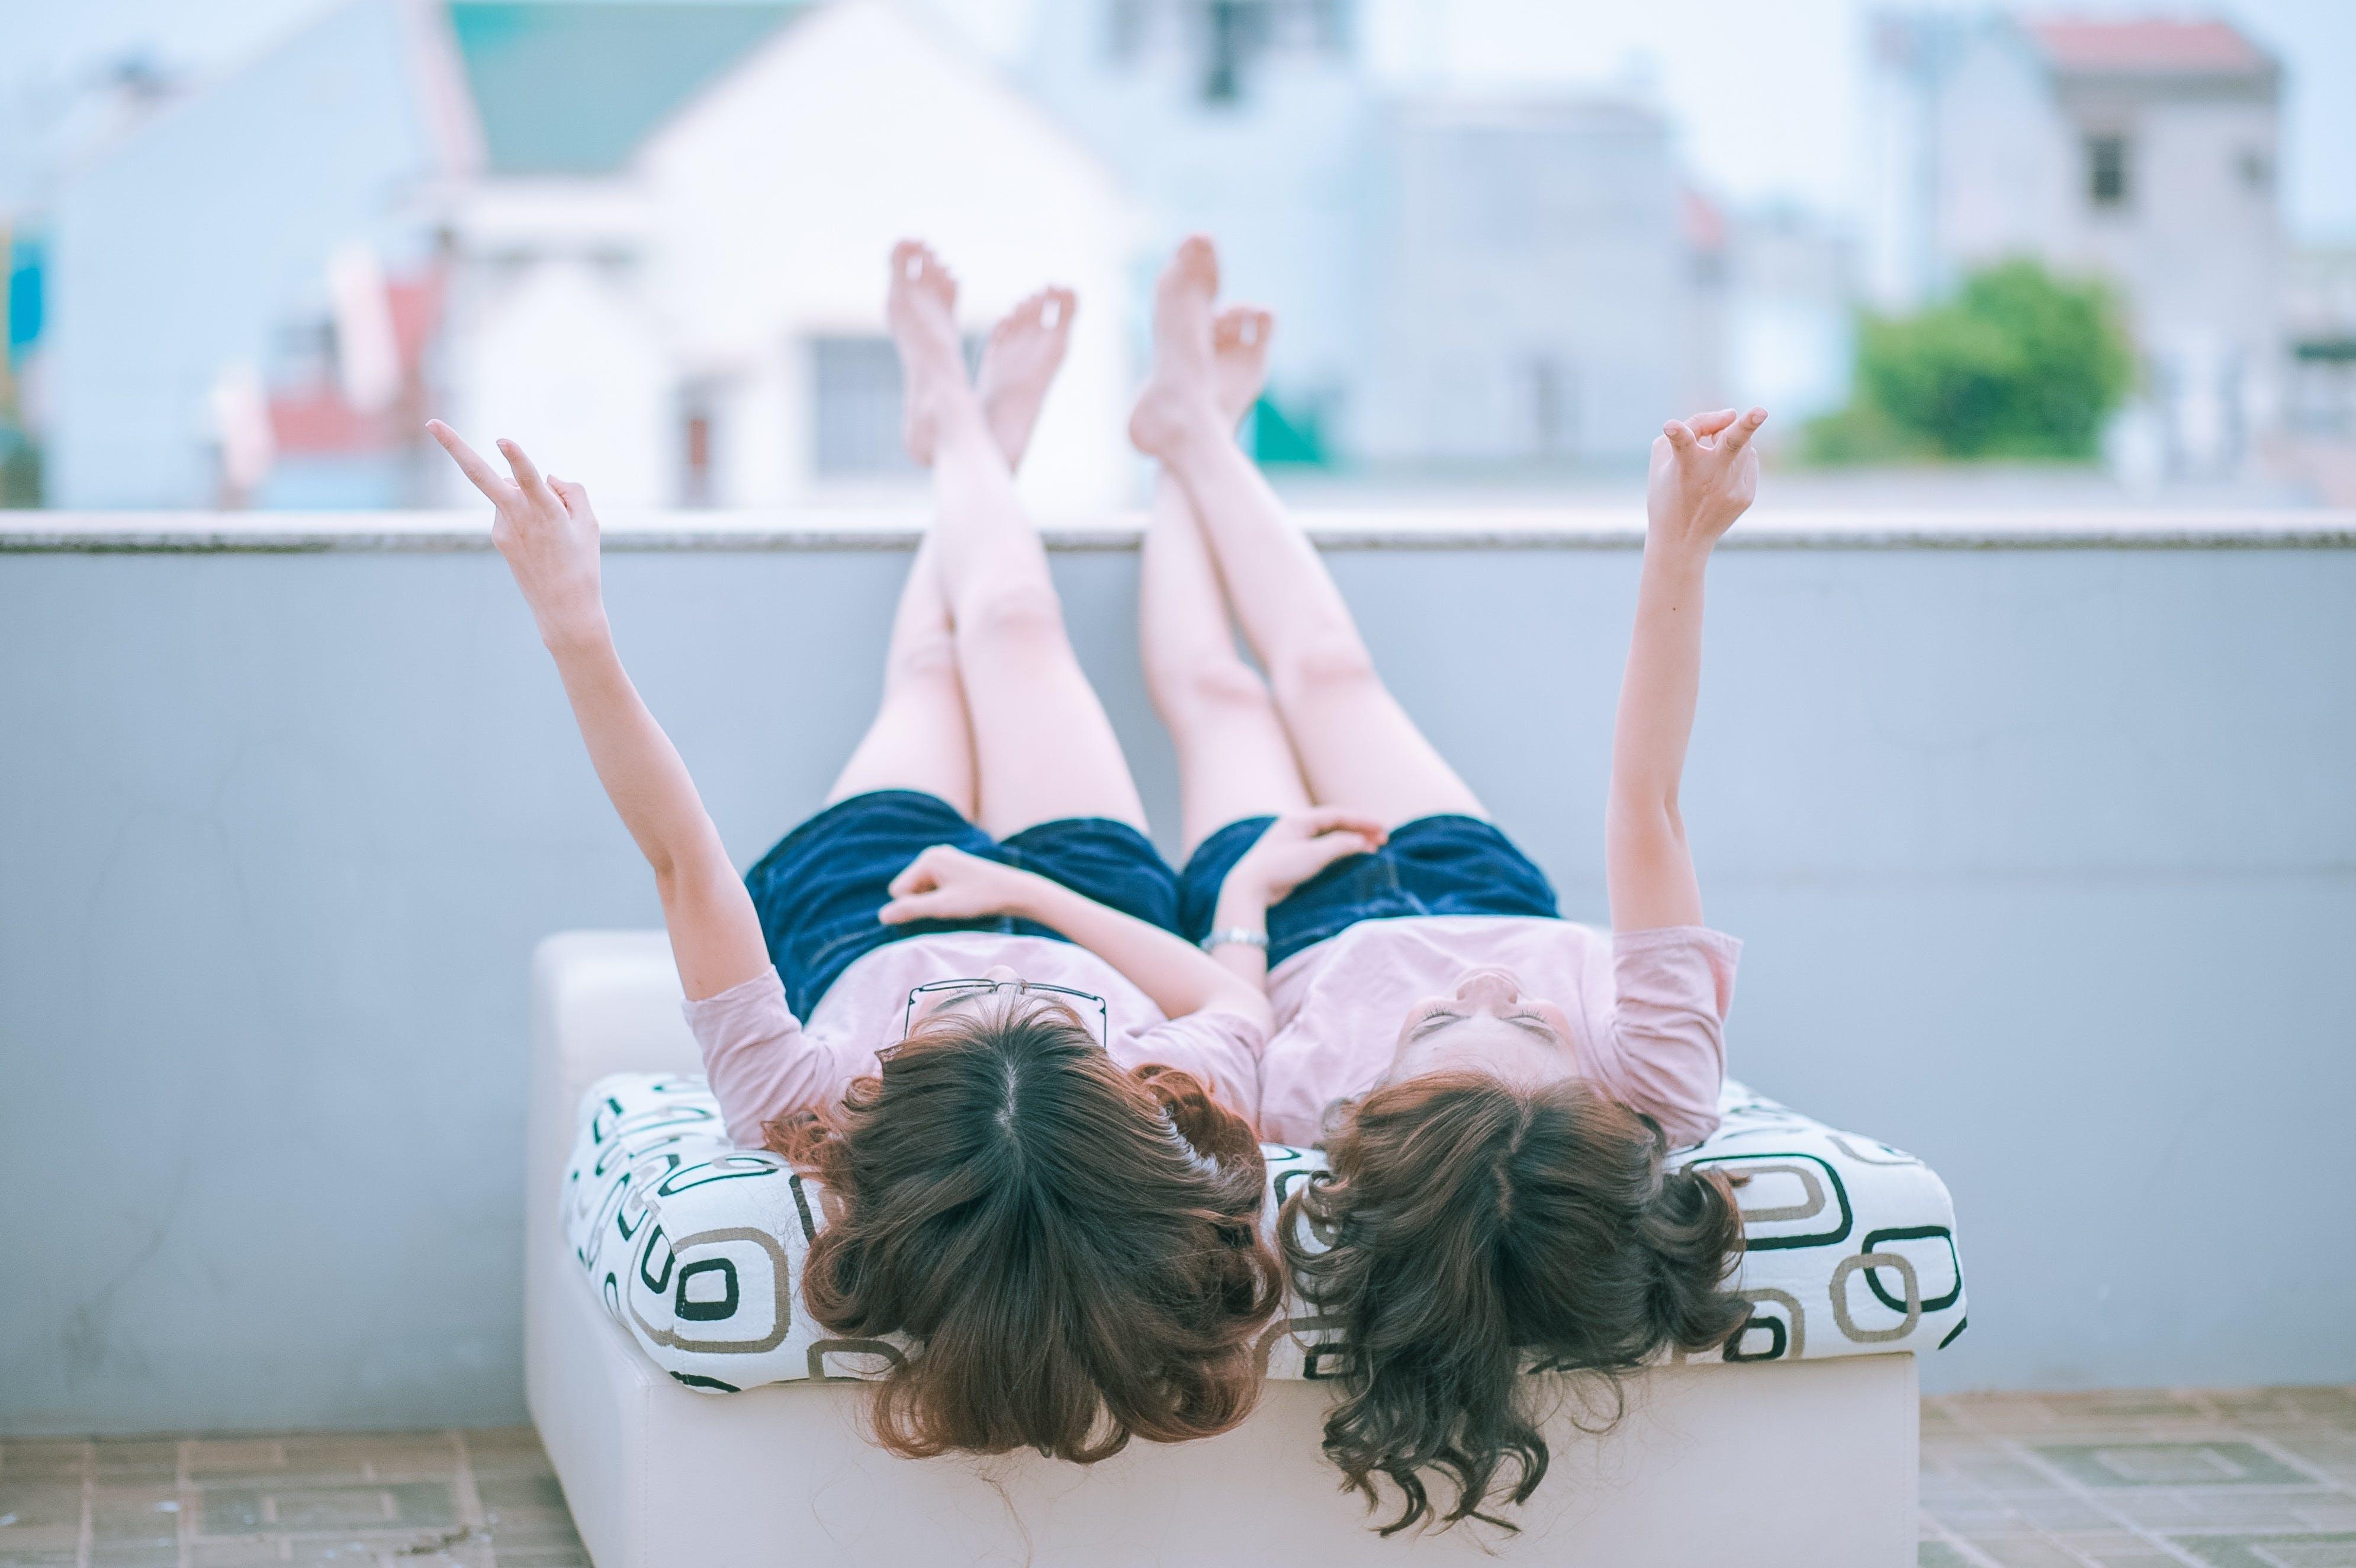 Gratis arkivbilde med avslapping, glede, jenter, kvinner